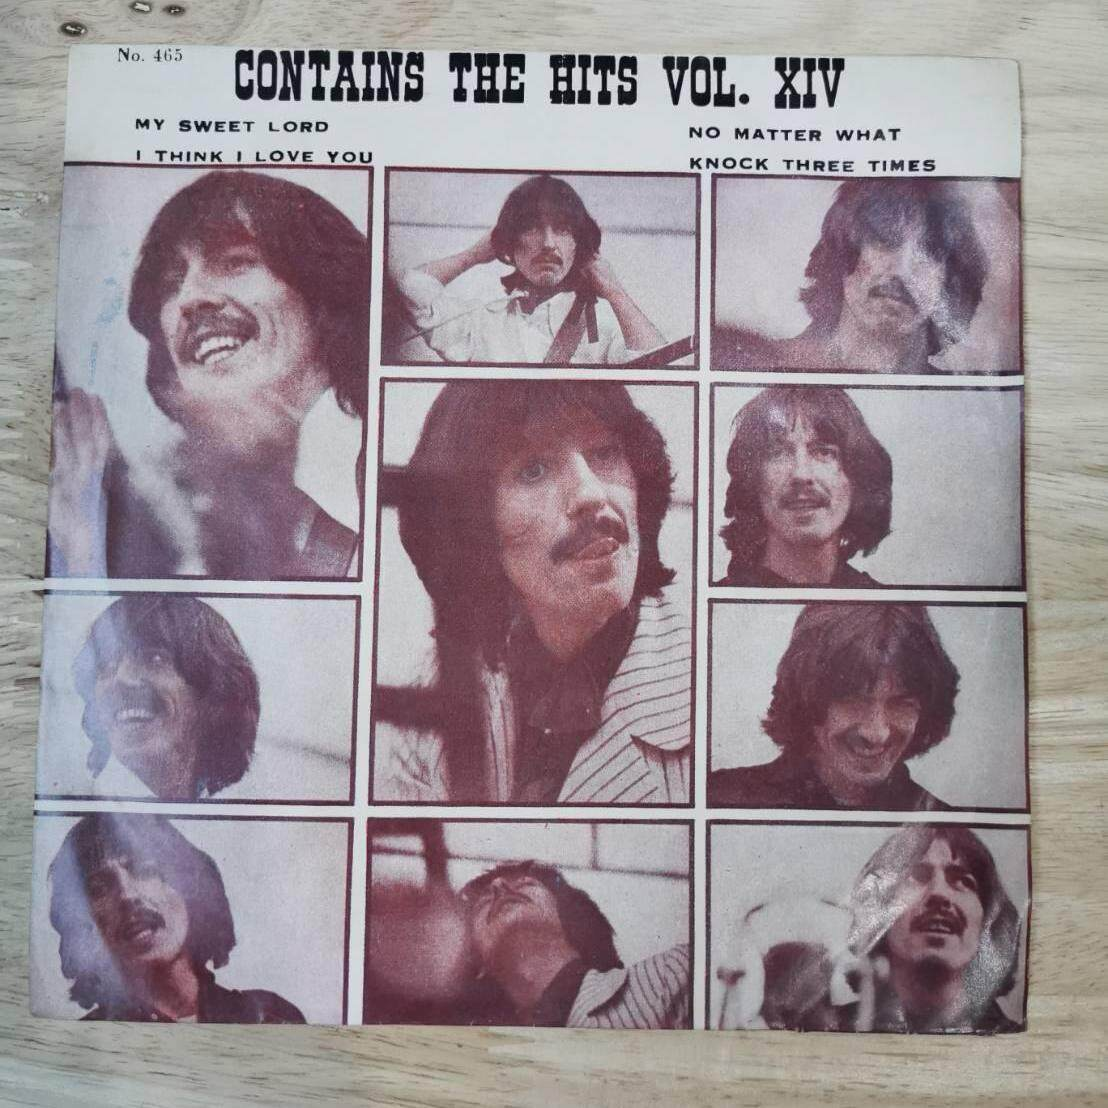 แผ่นเสียง รวมศิลปิน Contains The Hits Vol. Xiv ขนาด7นิ้ว 45rpm ปกvg+ /แผ่น Vg++ By Oldism111.